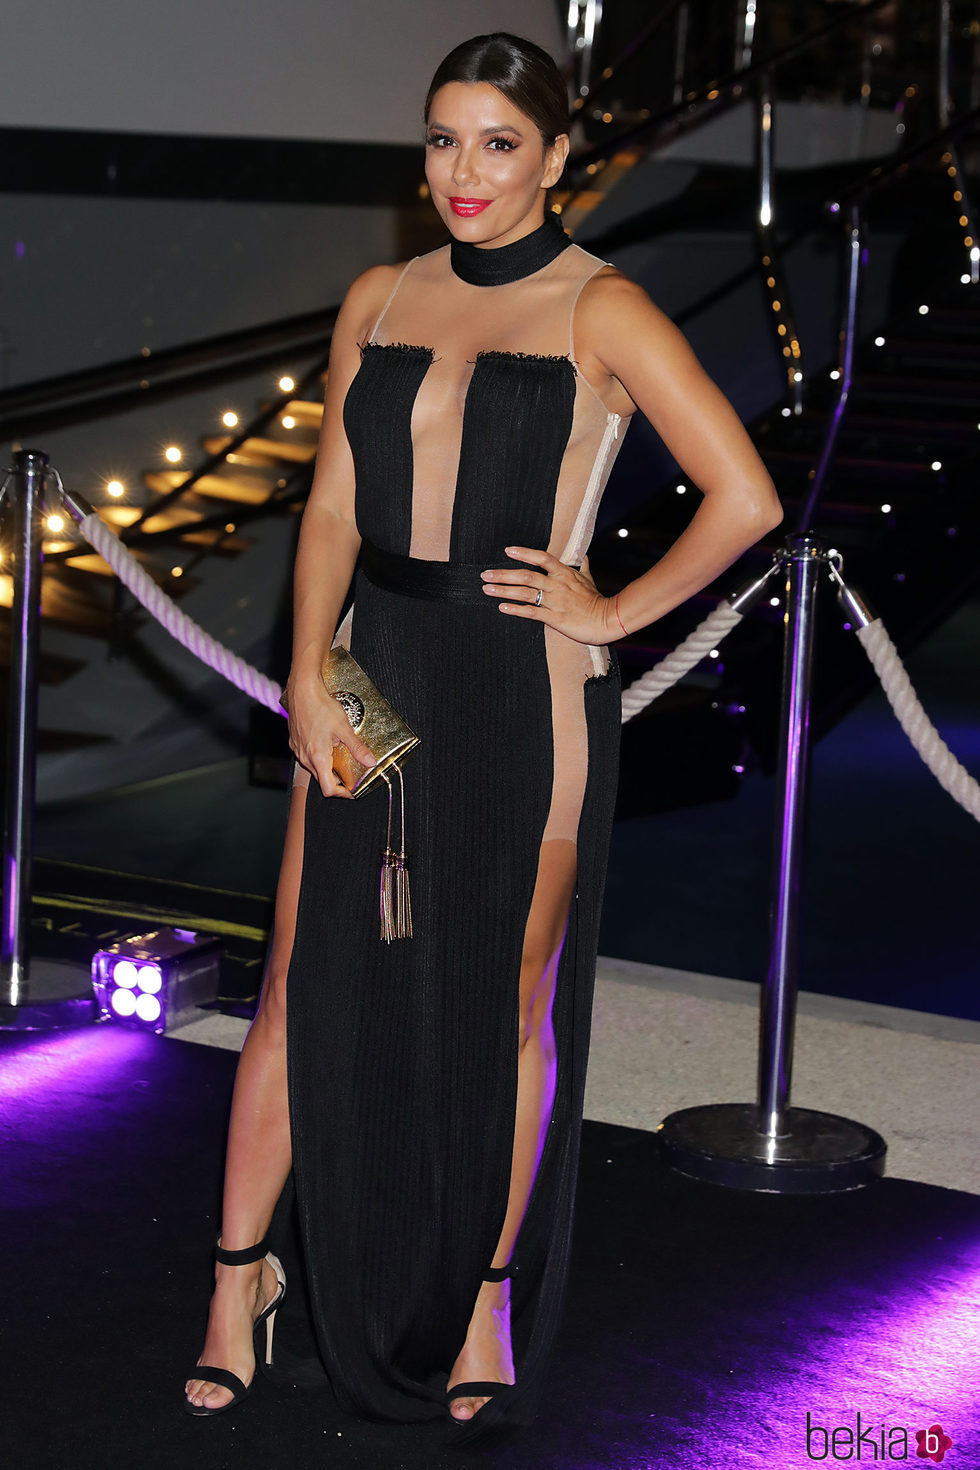 Eva Longoria en la fiesta de L'Oreal en Cannes 2017